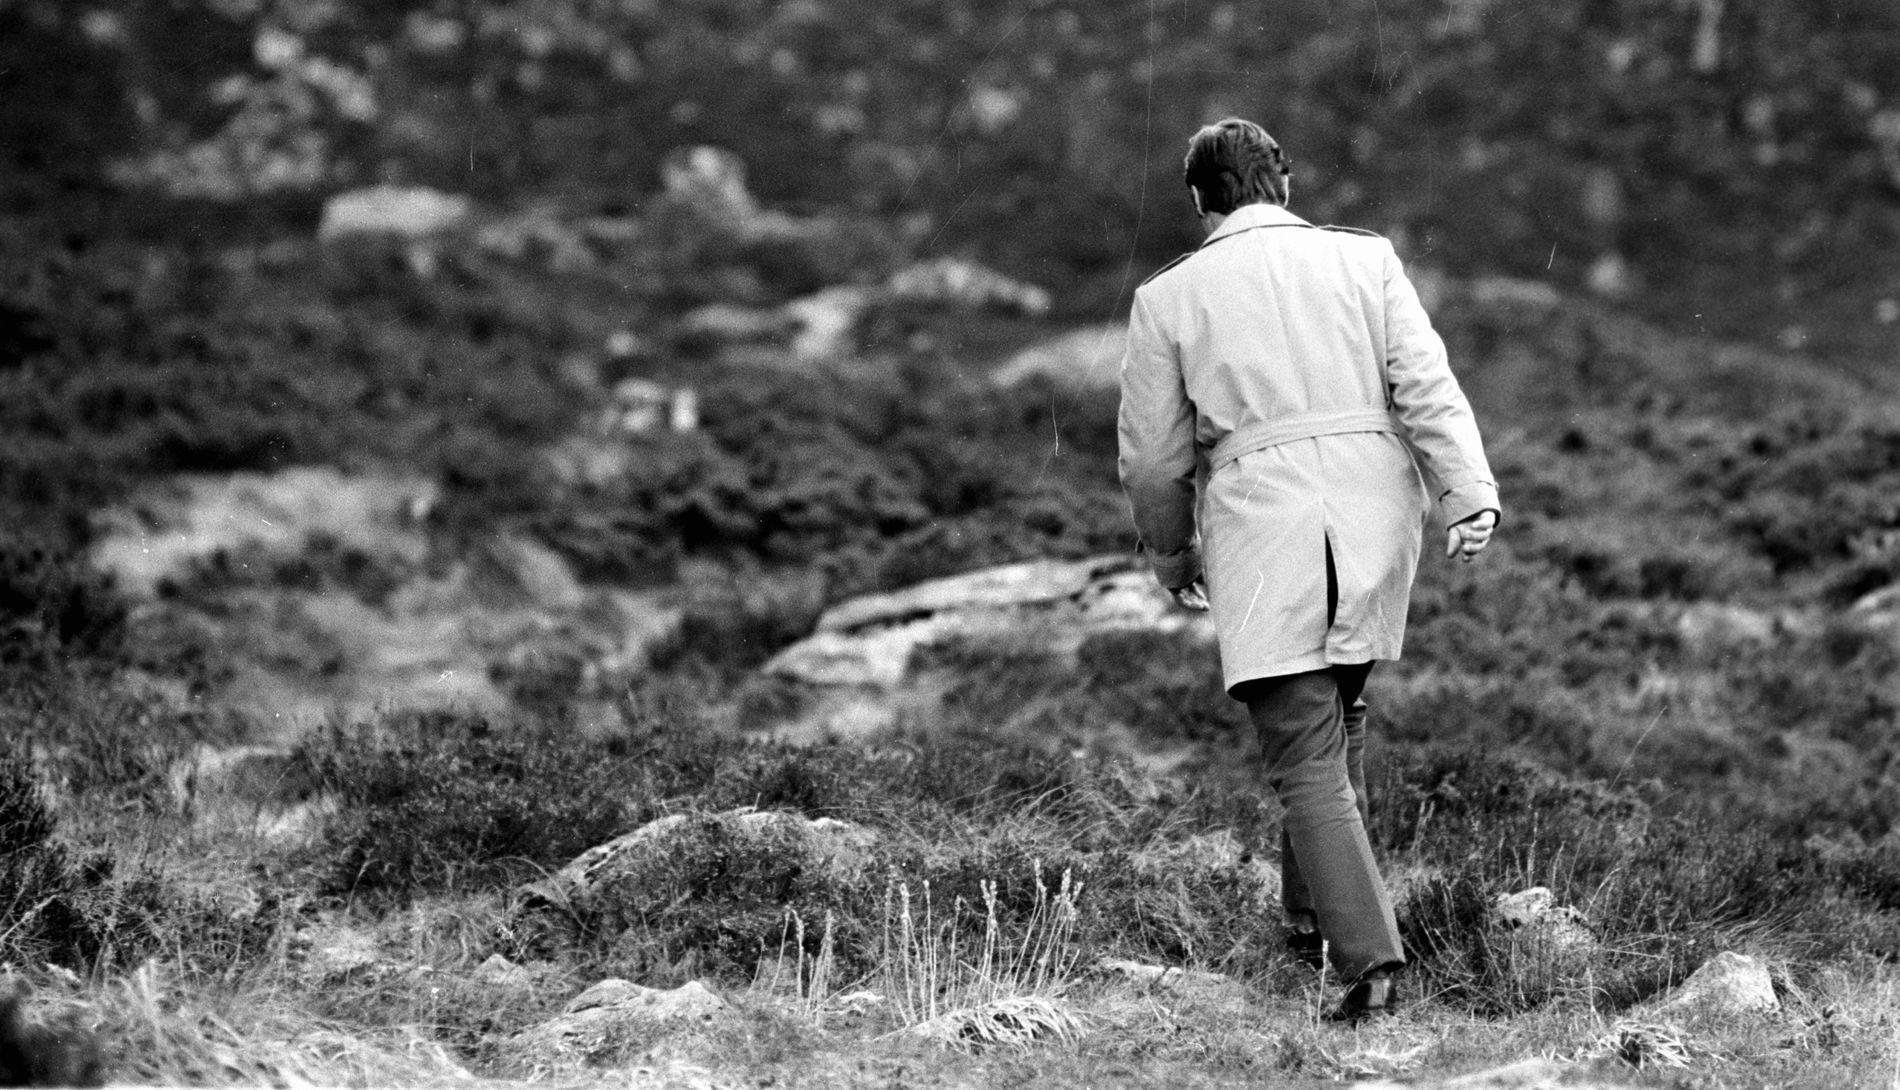 ÅSTEDET: 29. november 1970 fant turgåere liket av en sterkt forbrent kvinne i Isdalen. Til nå har vi ikkefått svaret på hvem denne kvinnen var, hvor hun kom fra eller hva hun gjorde i Bergen. ARKIVFOTO: KNUT STRAND